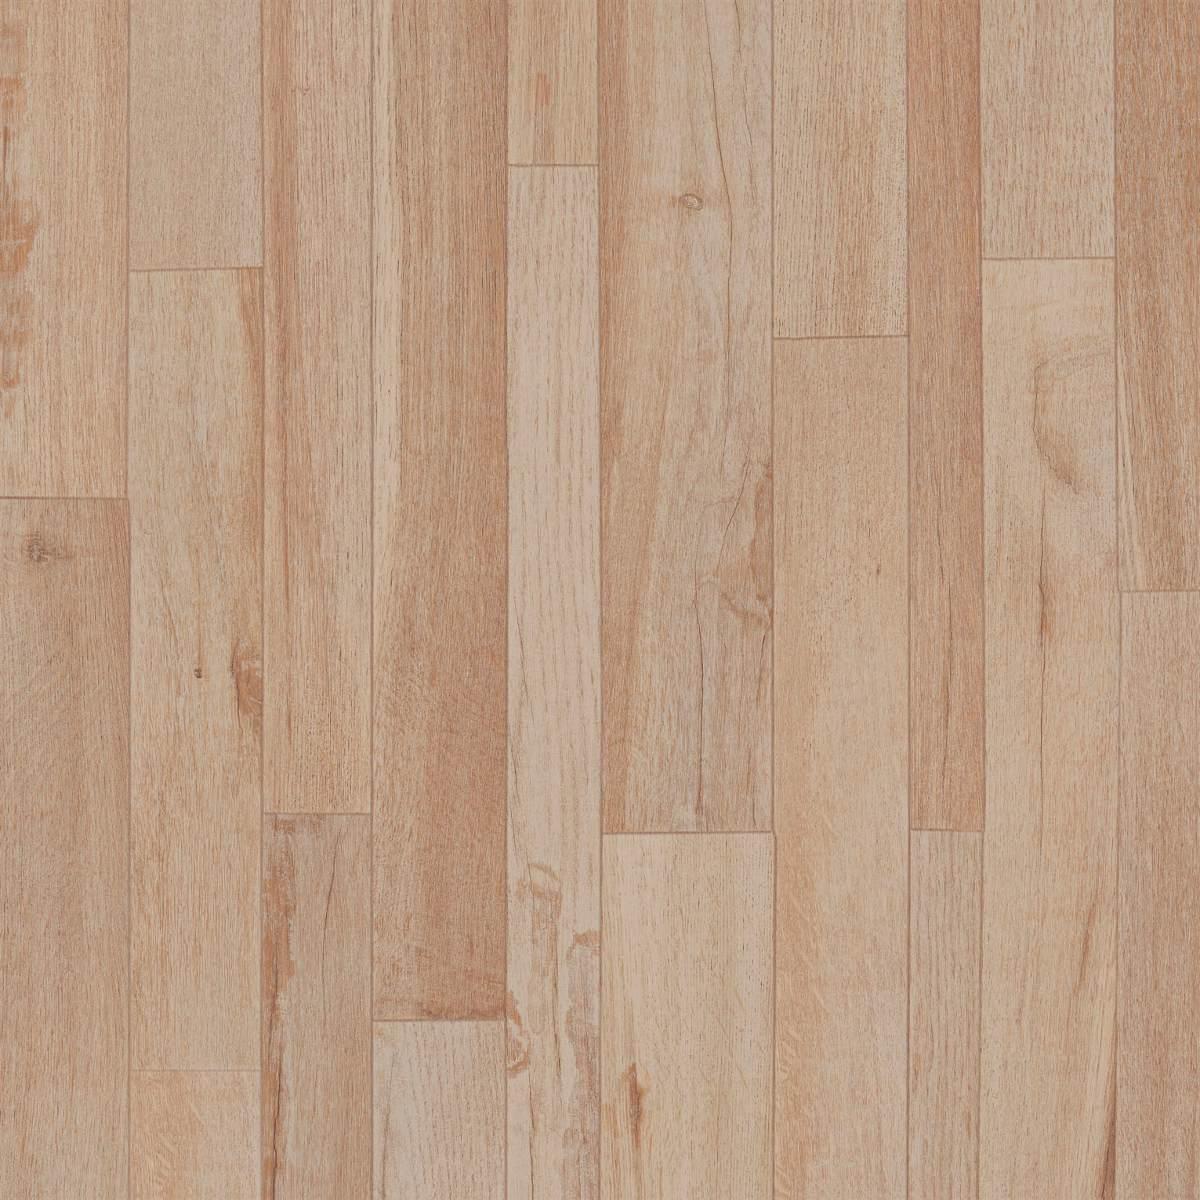 Piso modelo madeira ceramico 54x54 dura lote com 97 metros for Modelos de pisos ceramicos para cocina